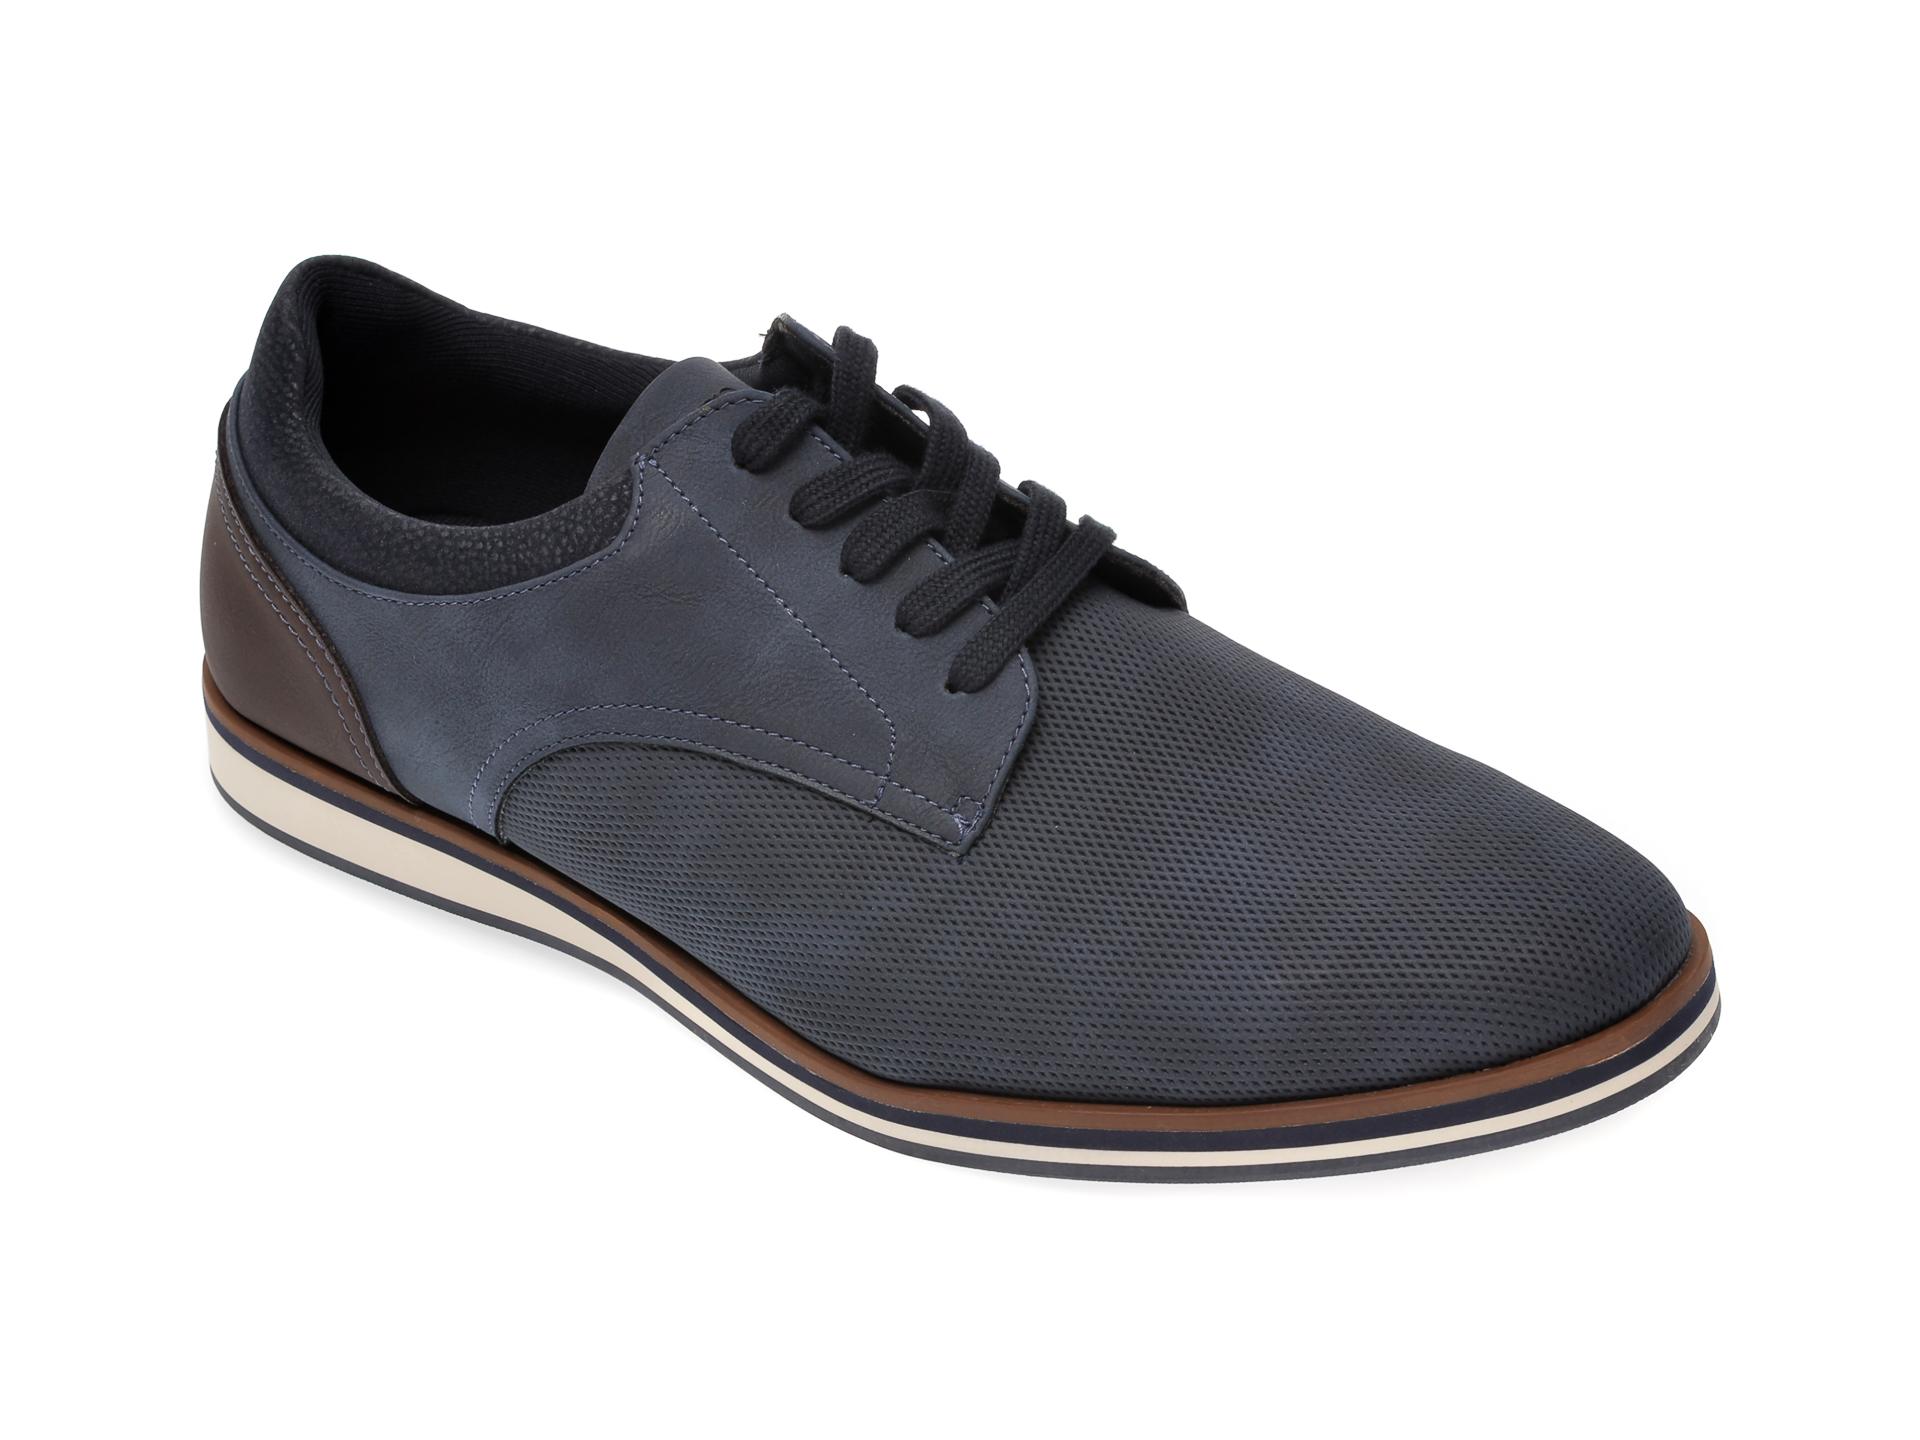 Pantofi ALDO bleumarin, Cycia410, din piele ecologica imagine